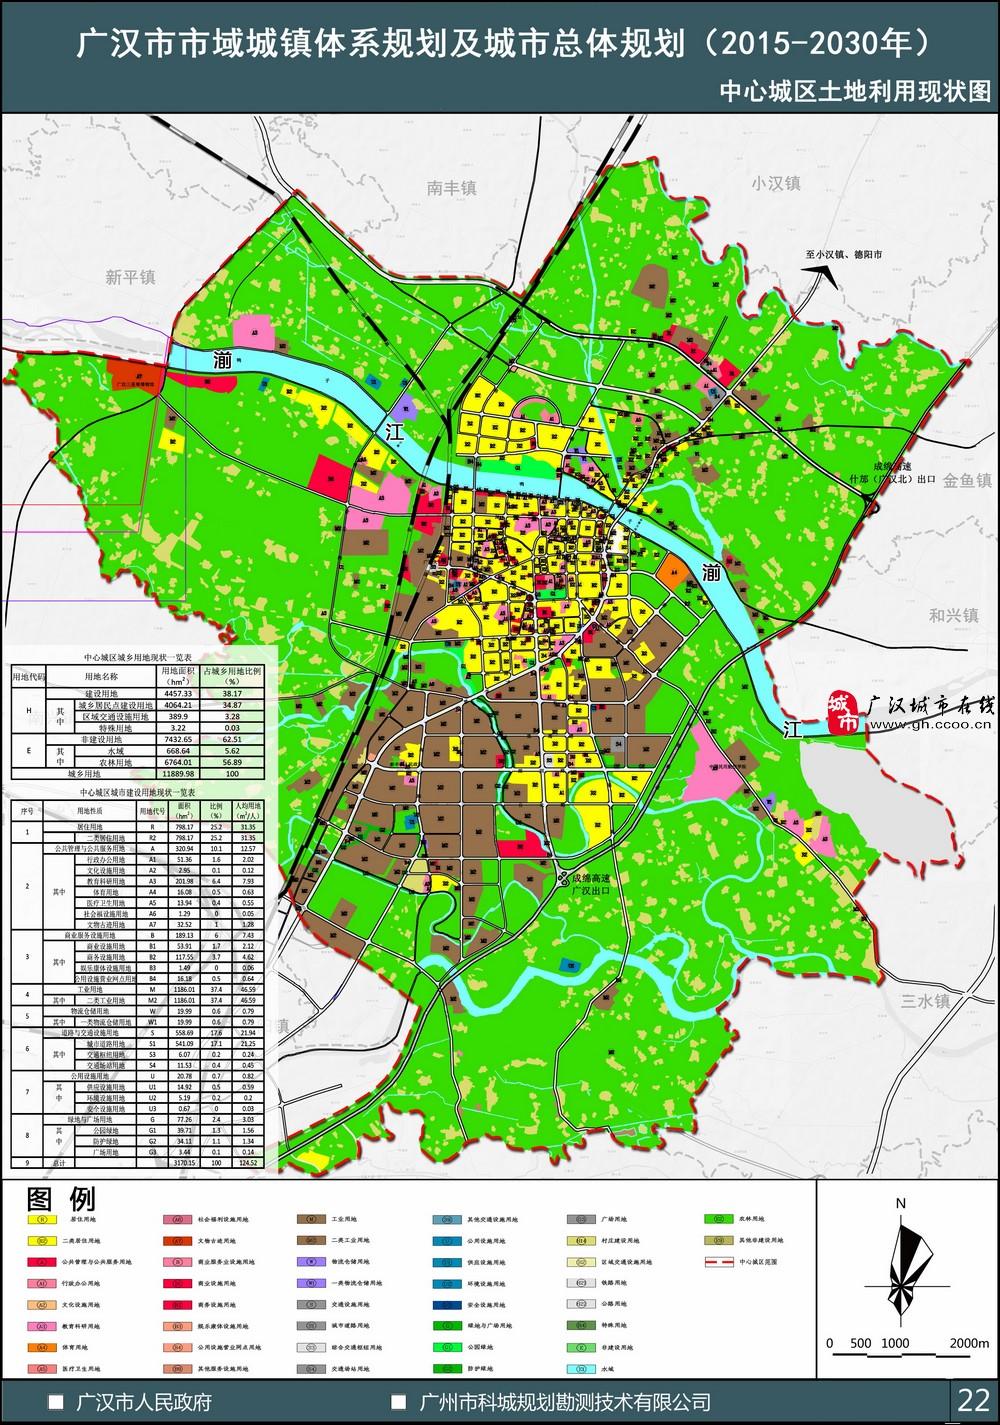 中心城区土地利用现状图——广汉市市域城镇体系规划及城市总体规划